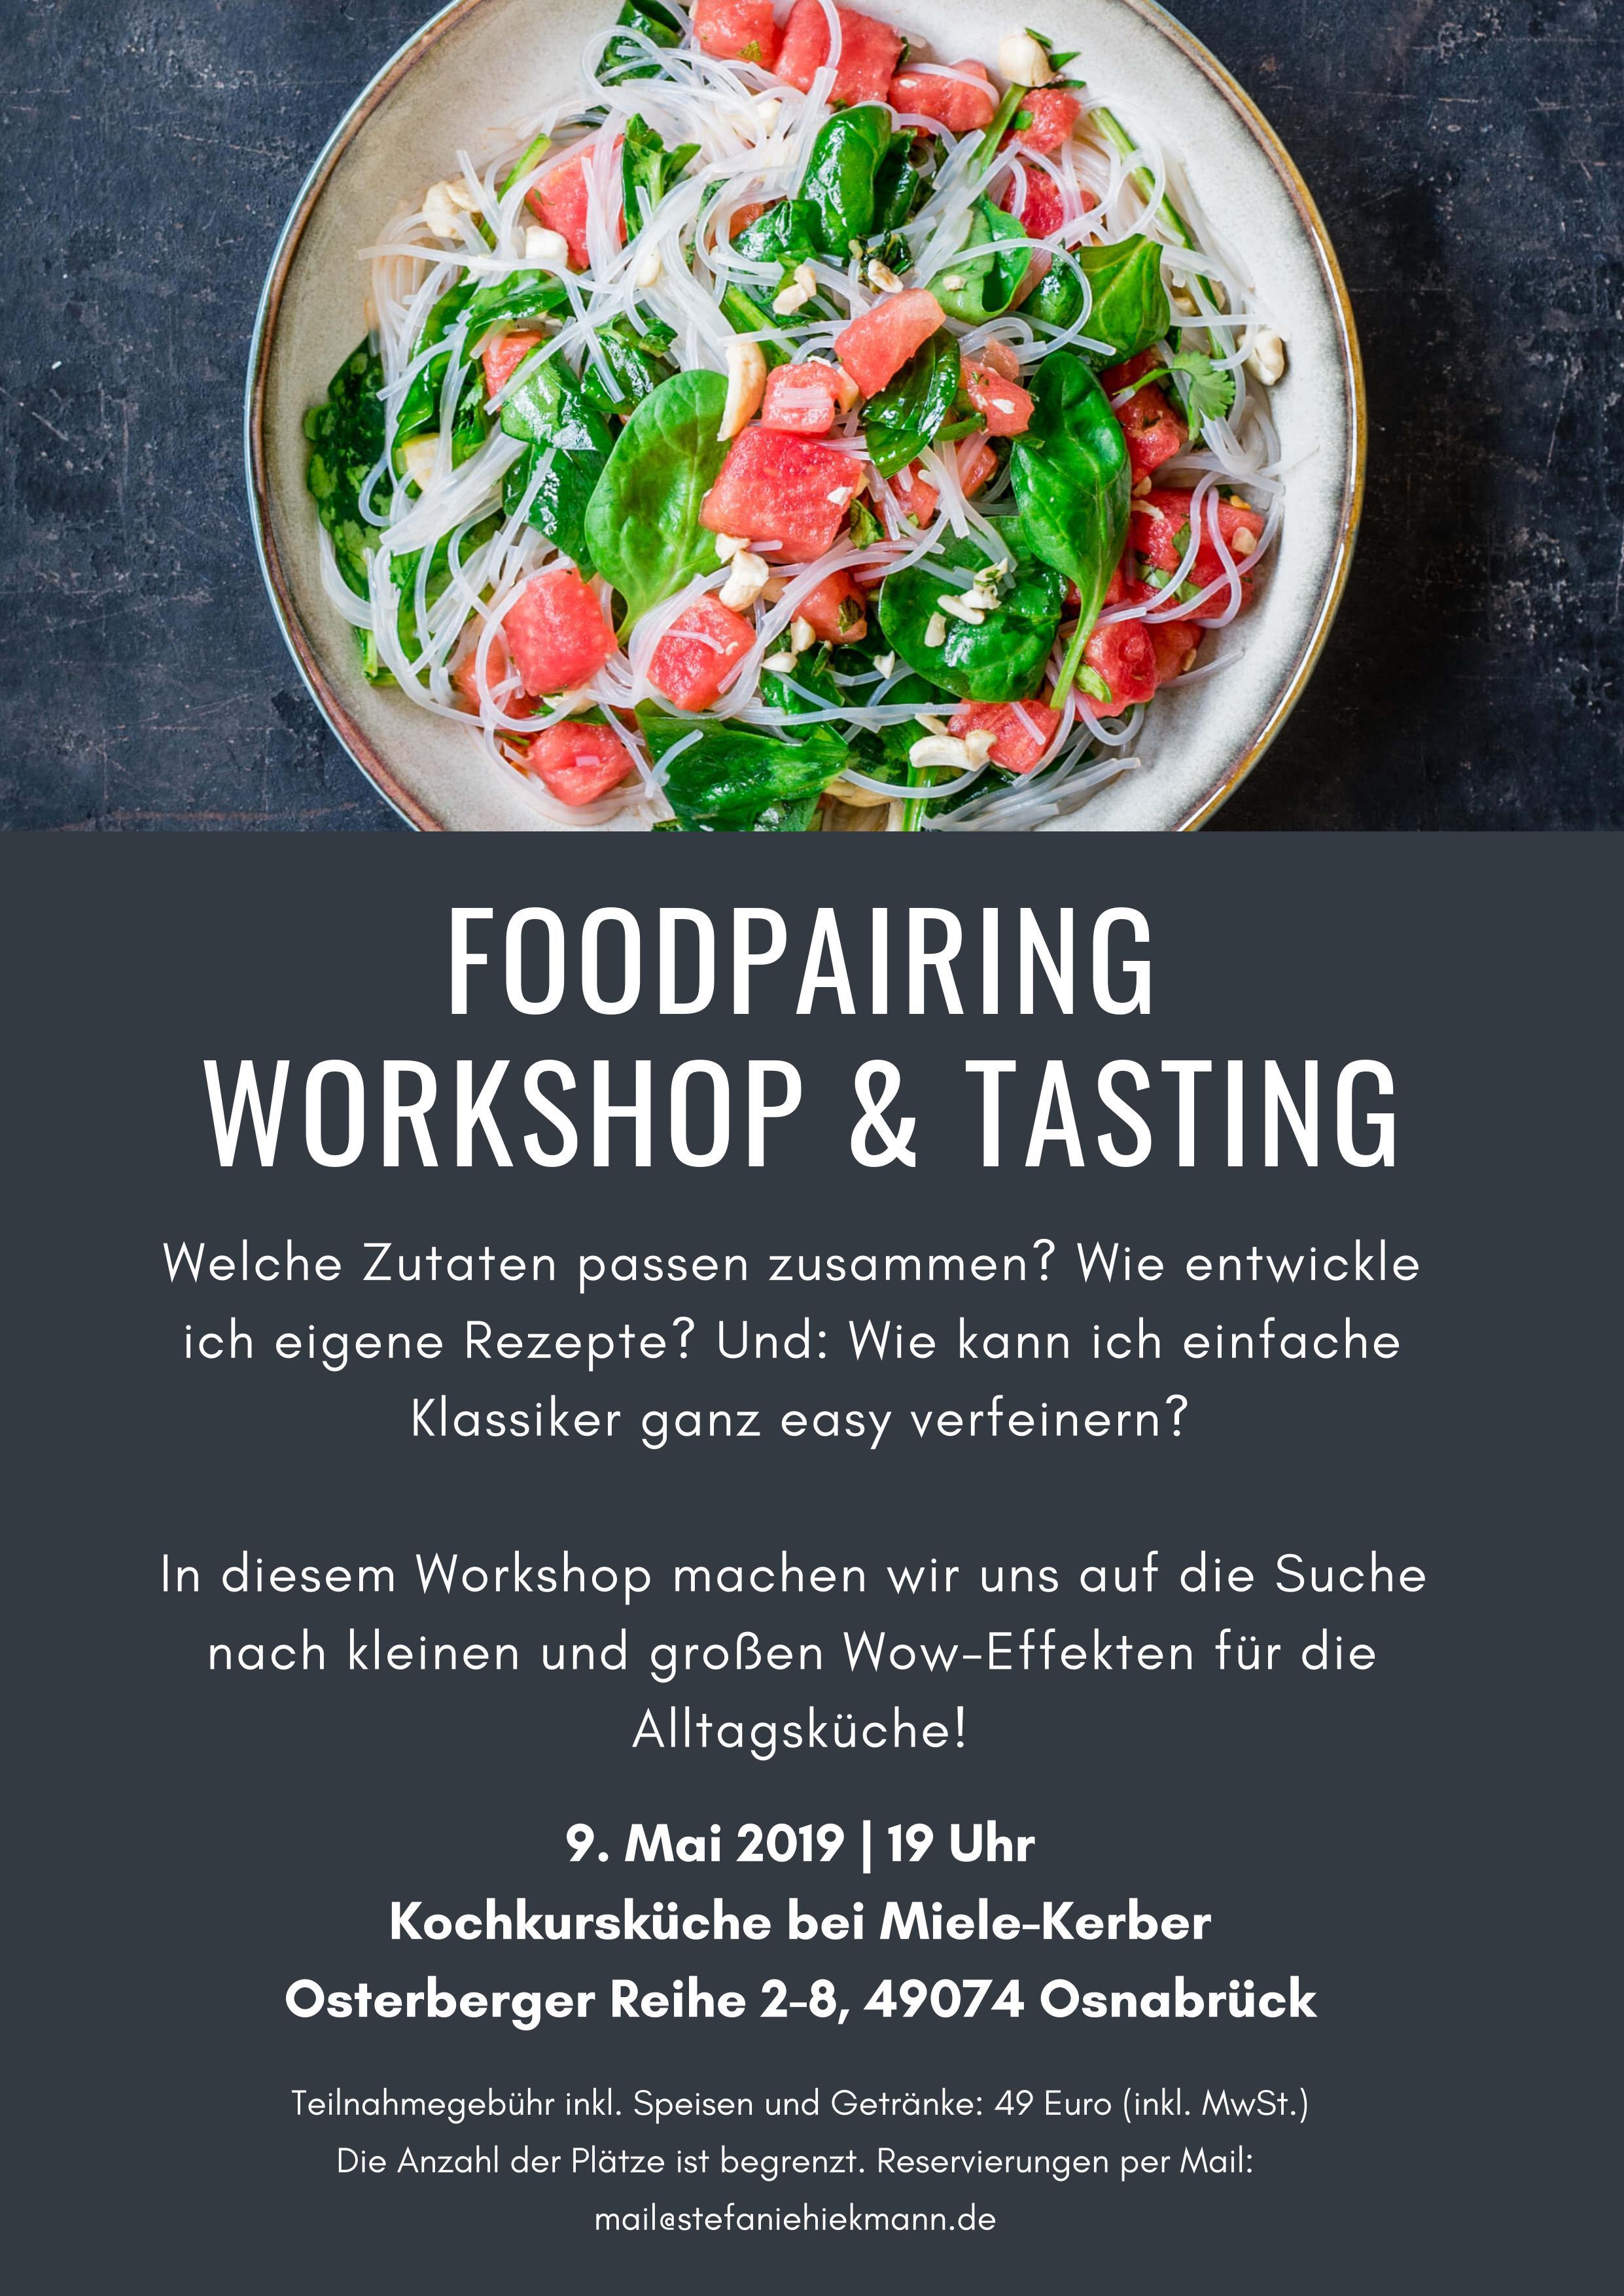 Foodpairing Workshop